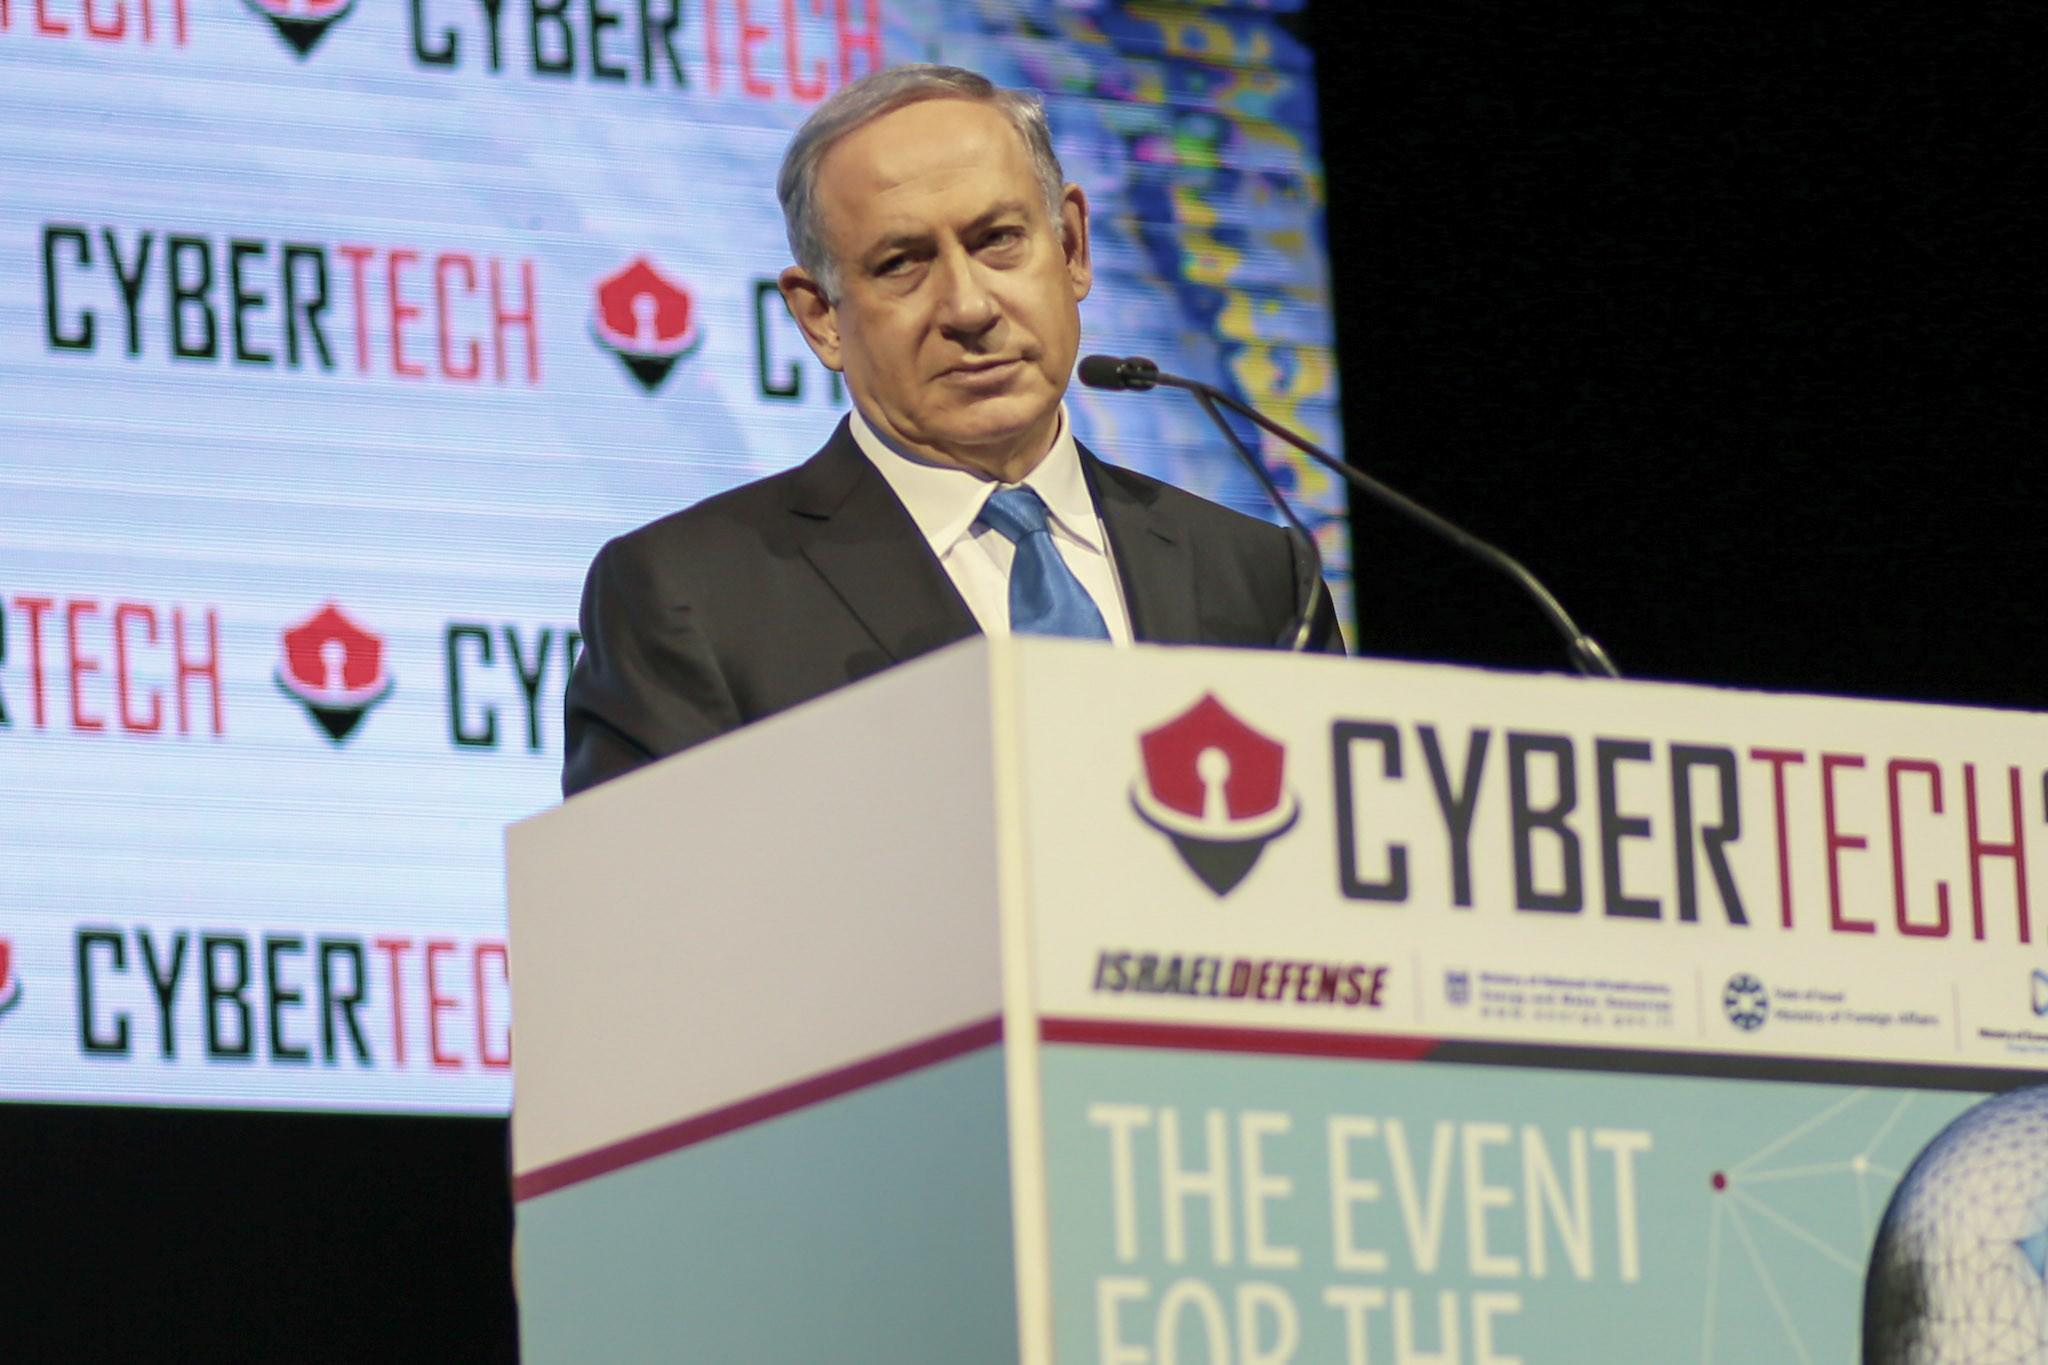 Prime Minister of Israel Benjamin Netanyahu